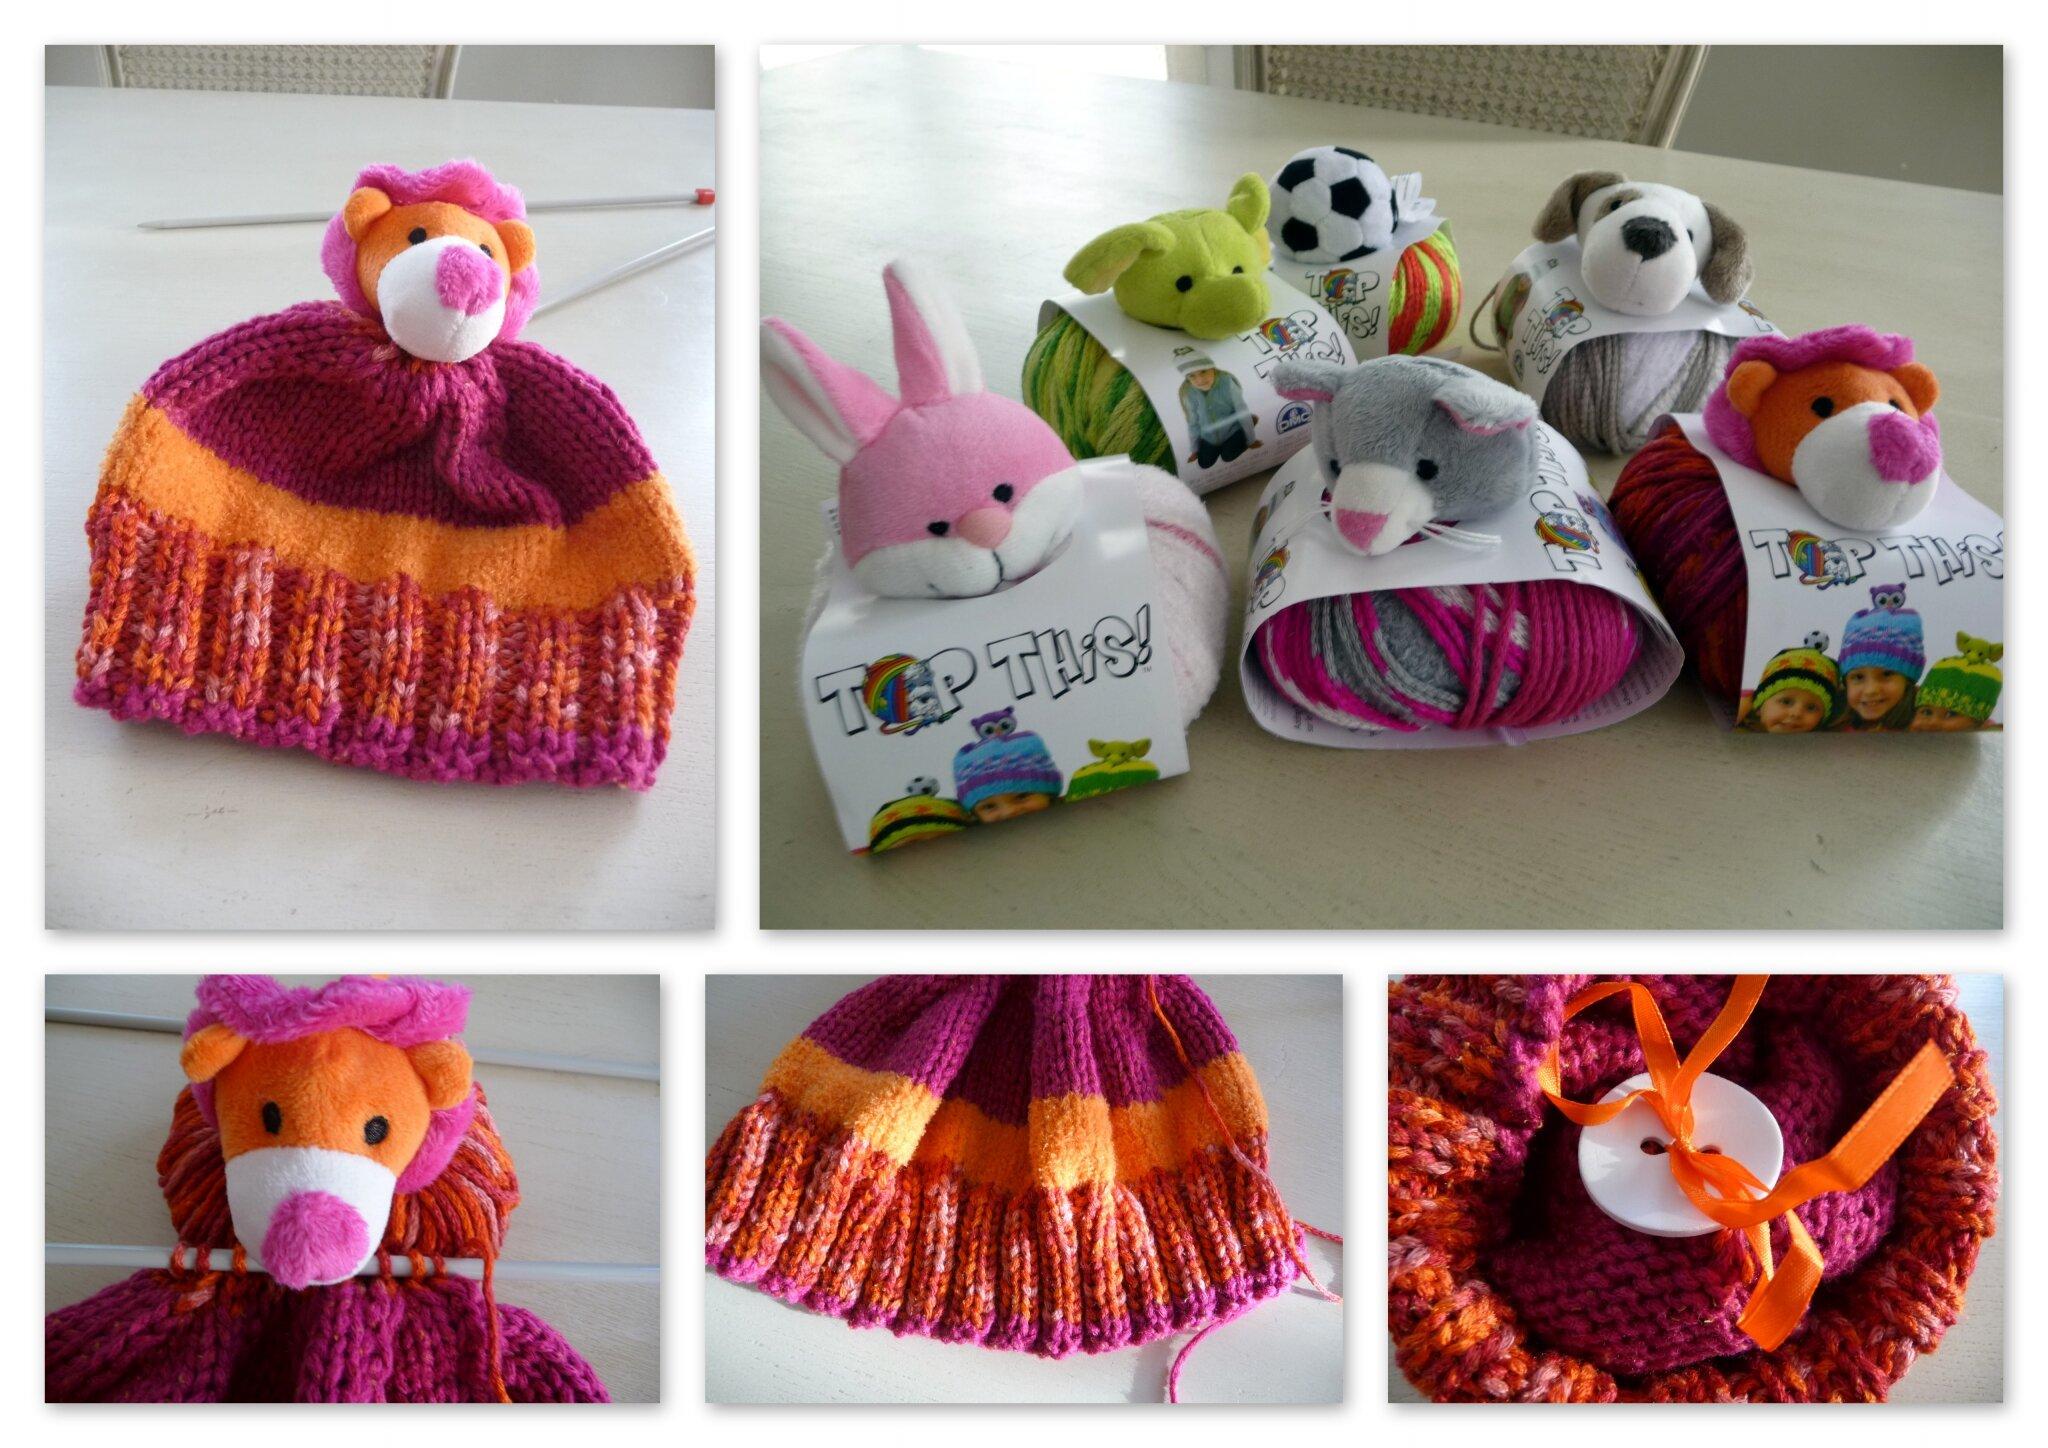 52babfa740d96 Petit bonnet pour enfant avec une pelote de laine - La Malle aux ...